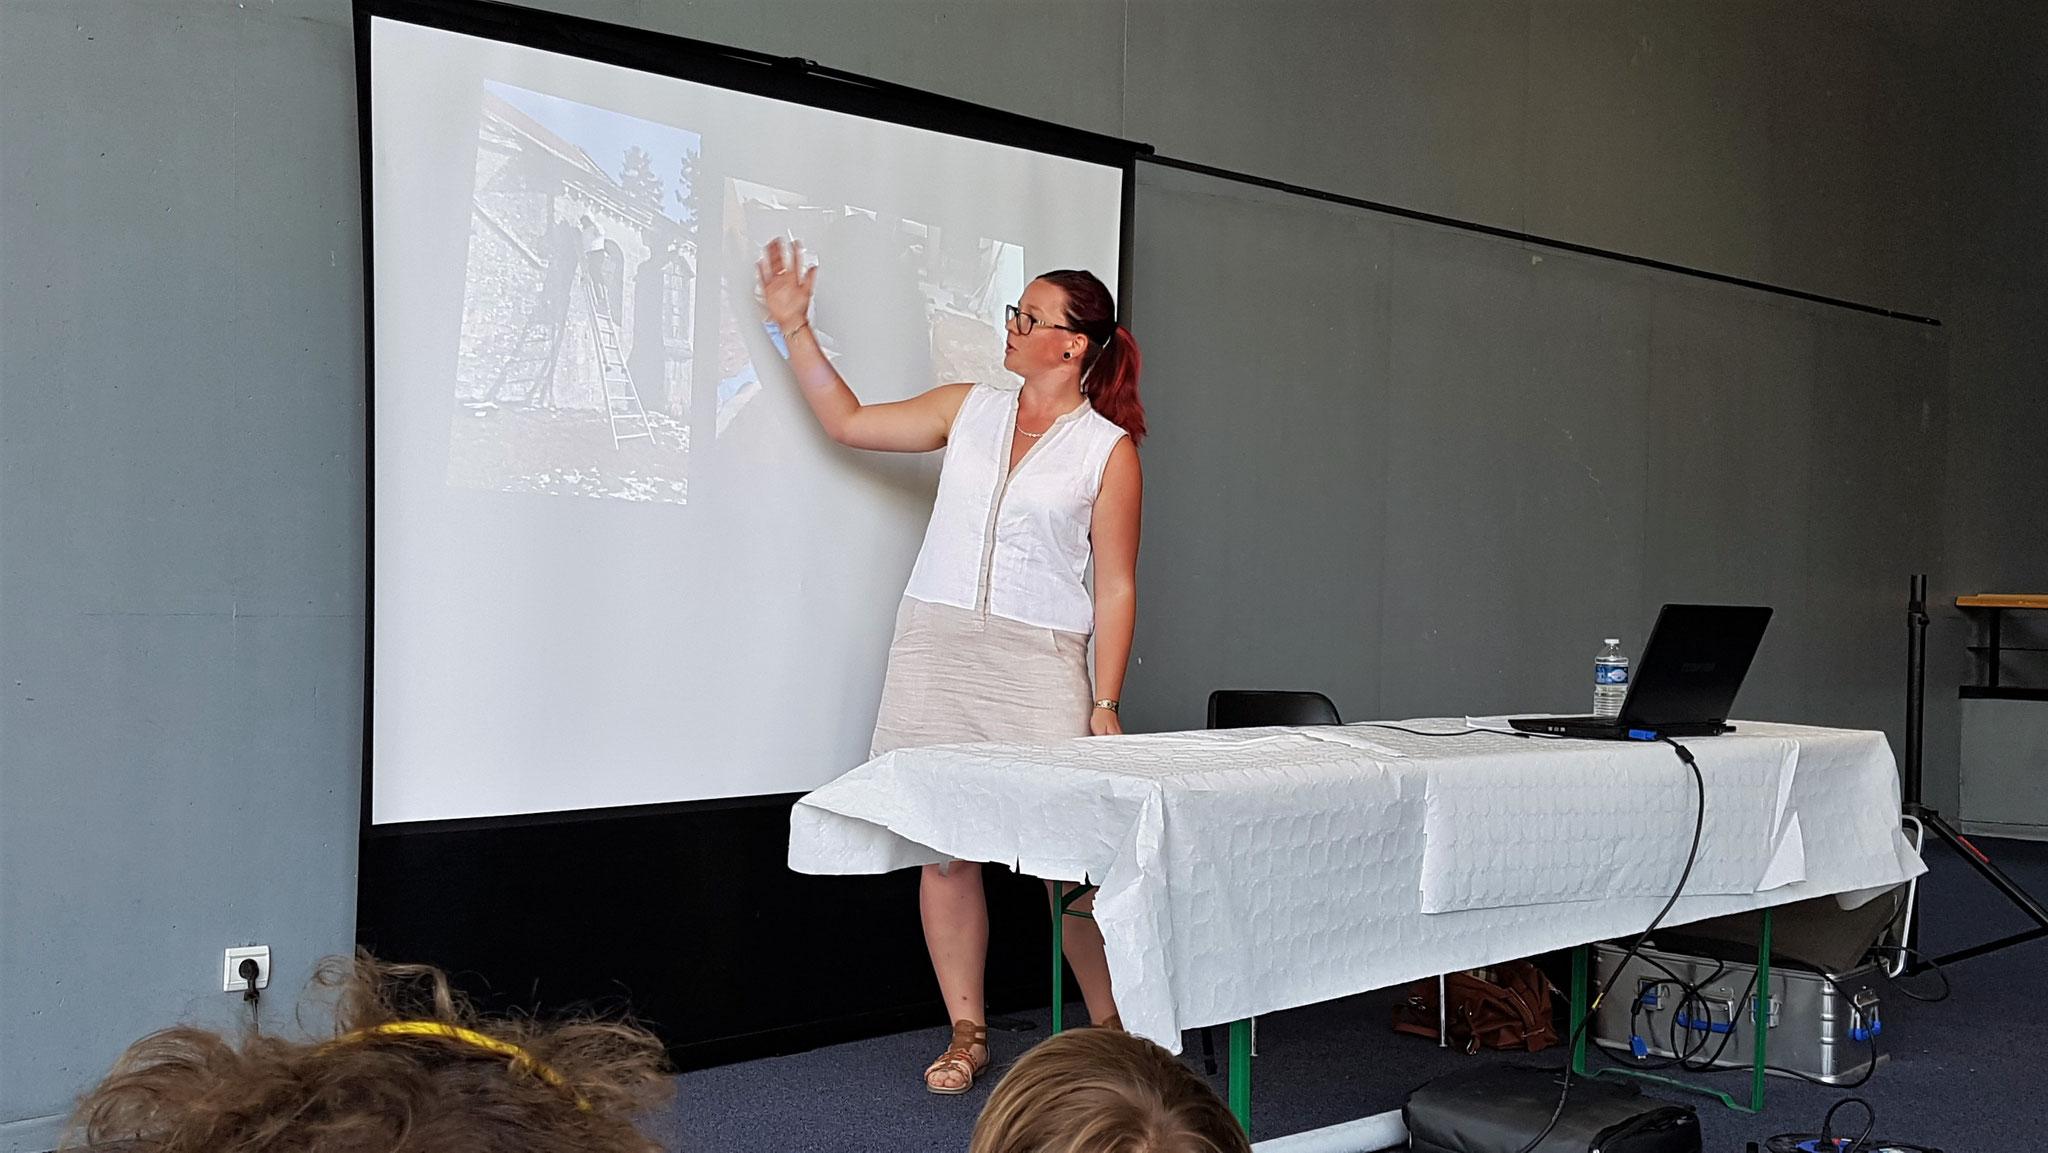 Anna Jeannel - Doctorante en archéologie médiévale - Fête de la Science 2018 à Vélizy-Villacoublay à L'Onde – Théâtre Centre d'art.